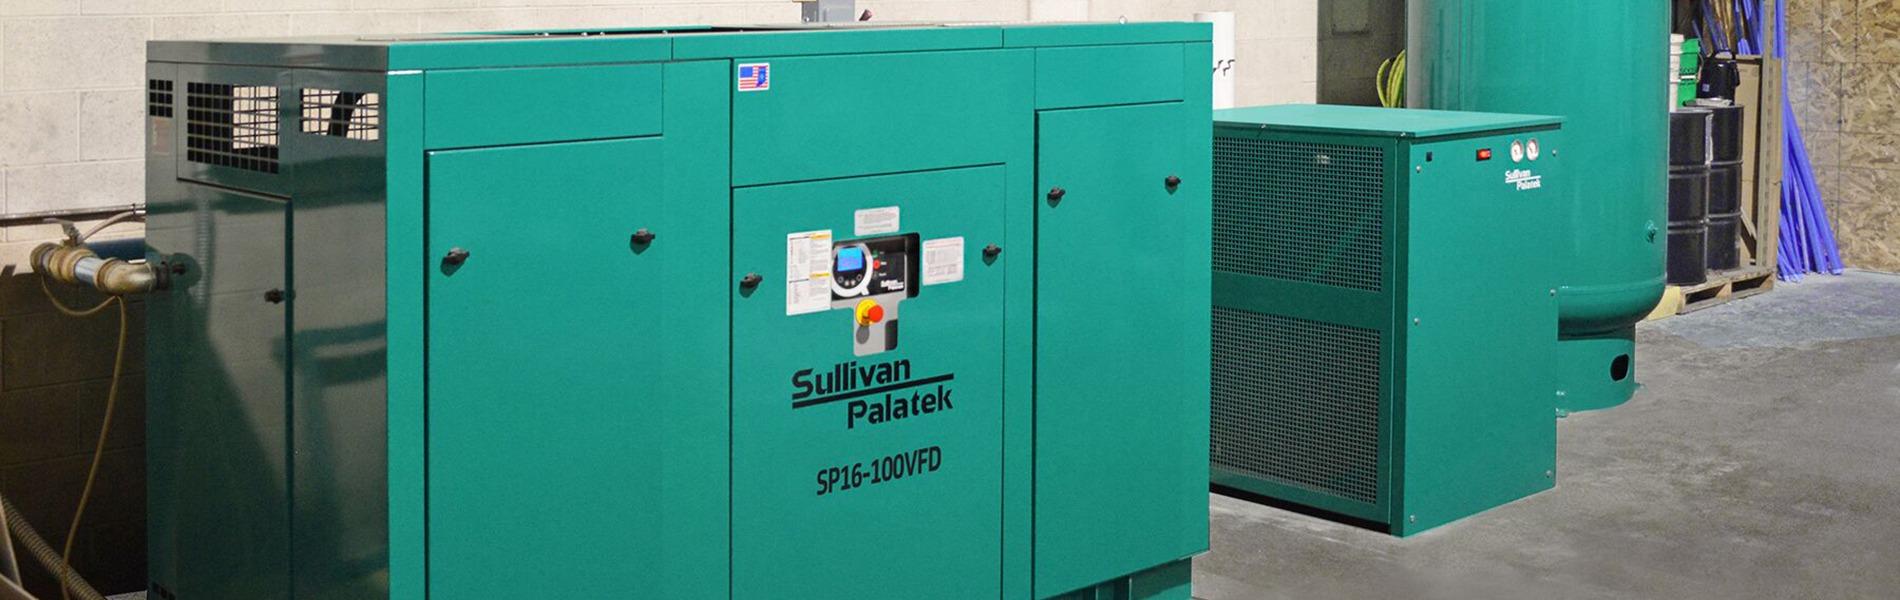 sullivan palatek compressors, sullivan palatek compressor distributor